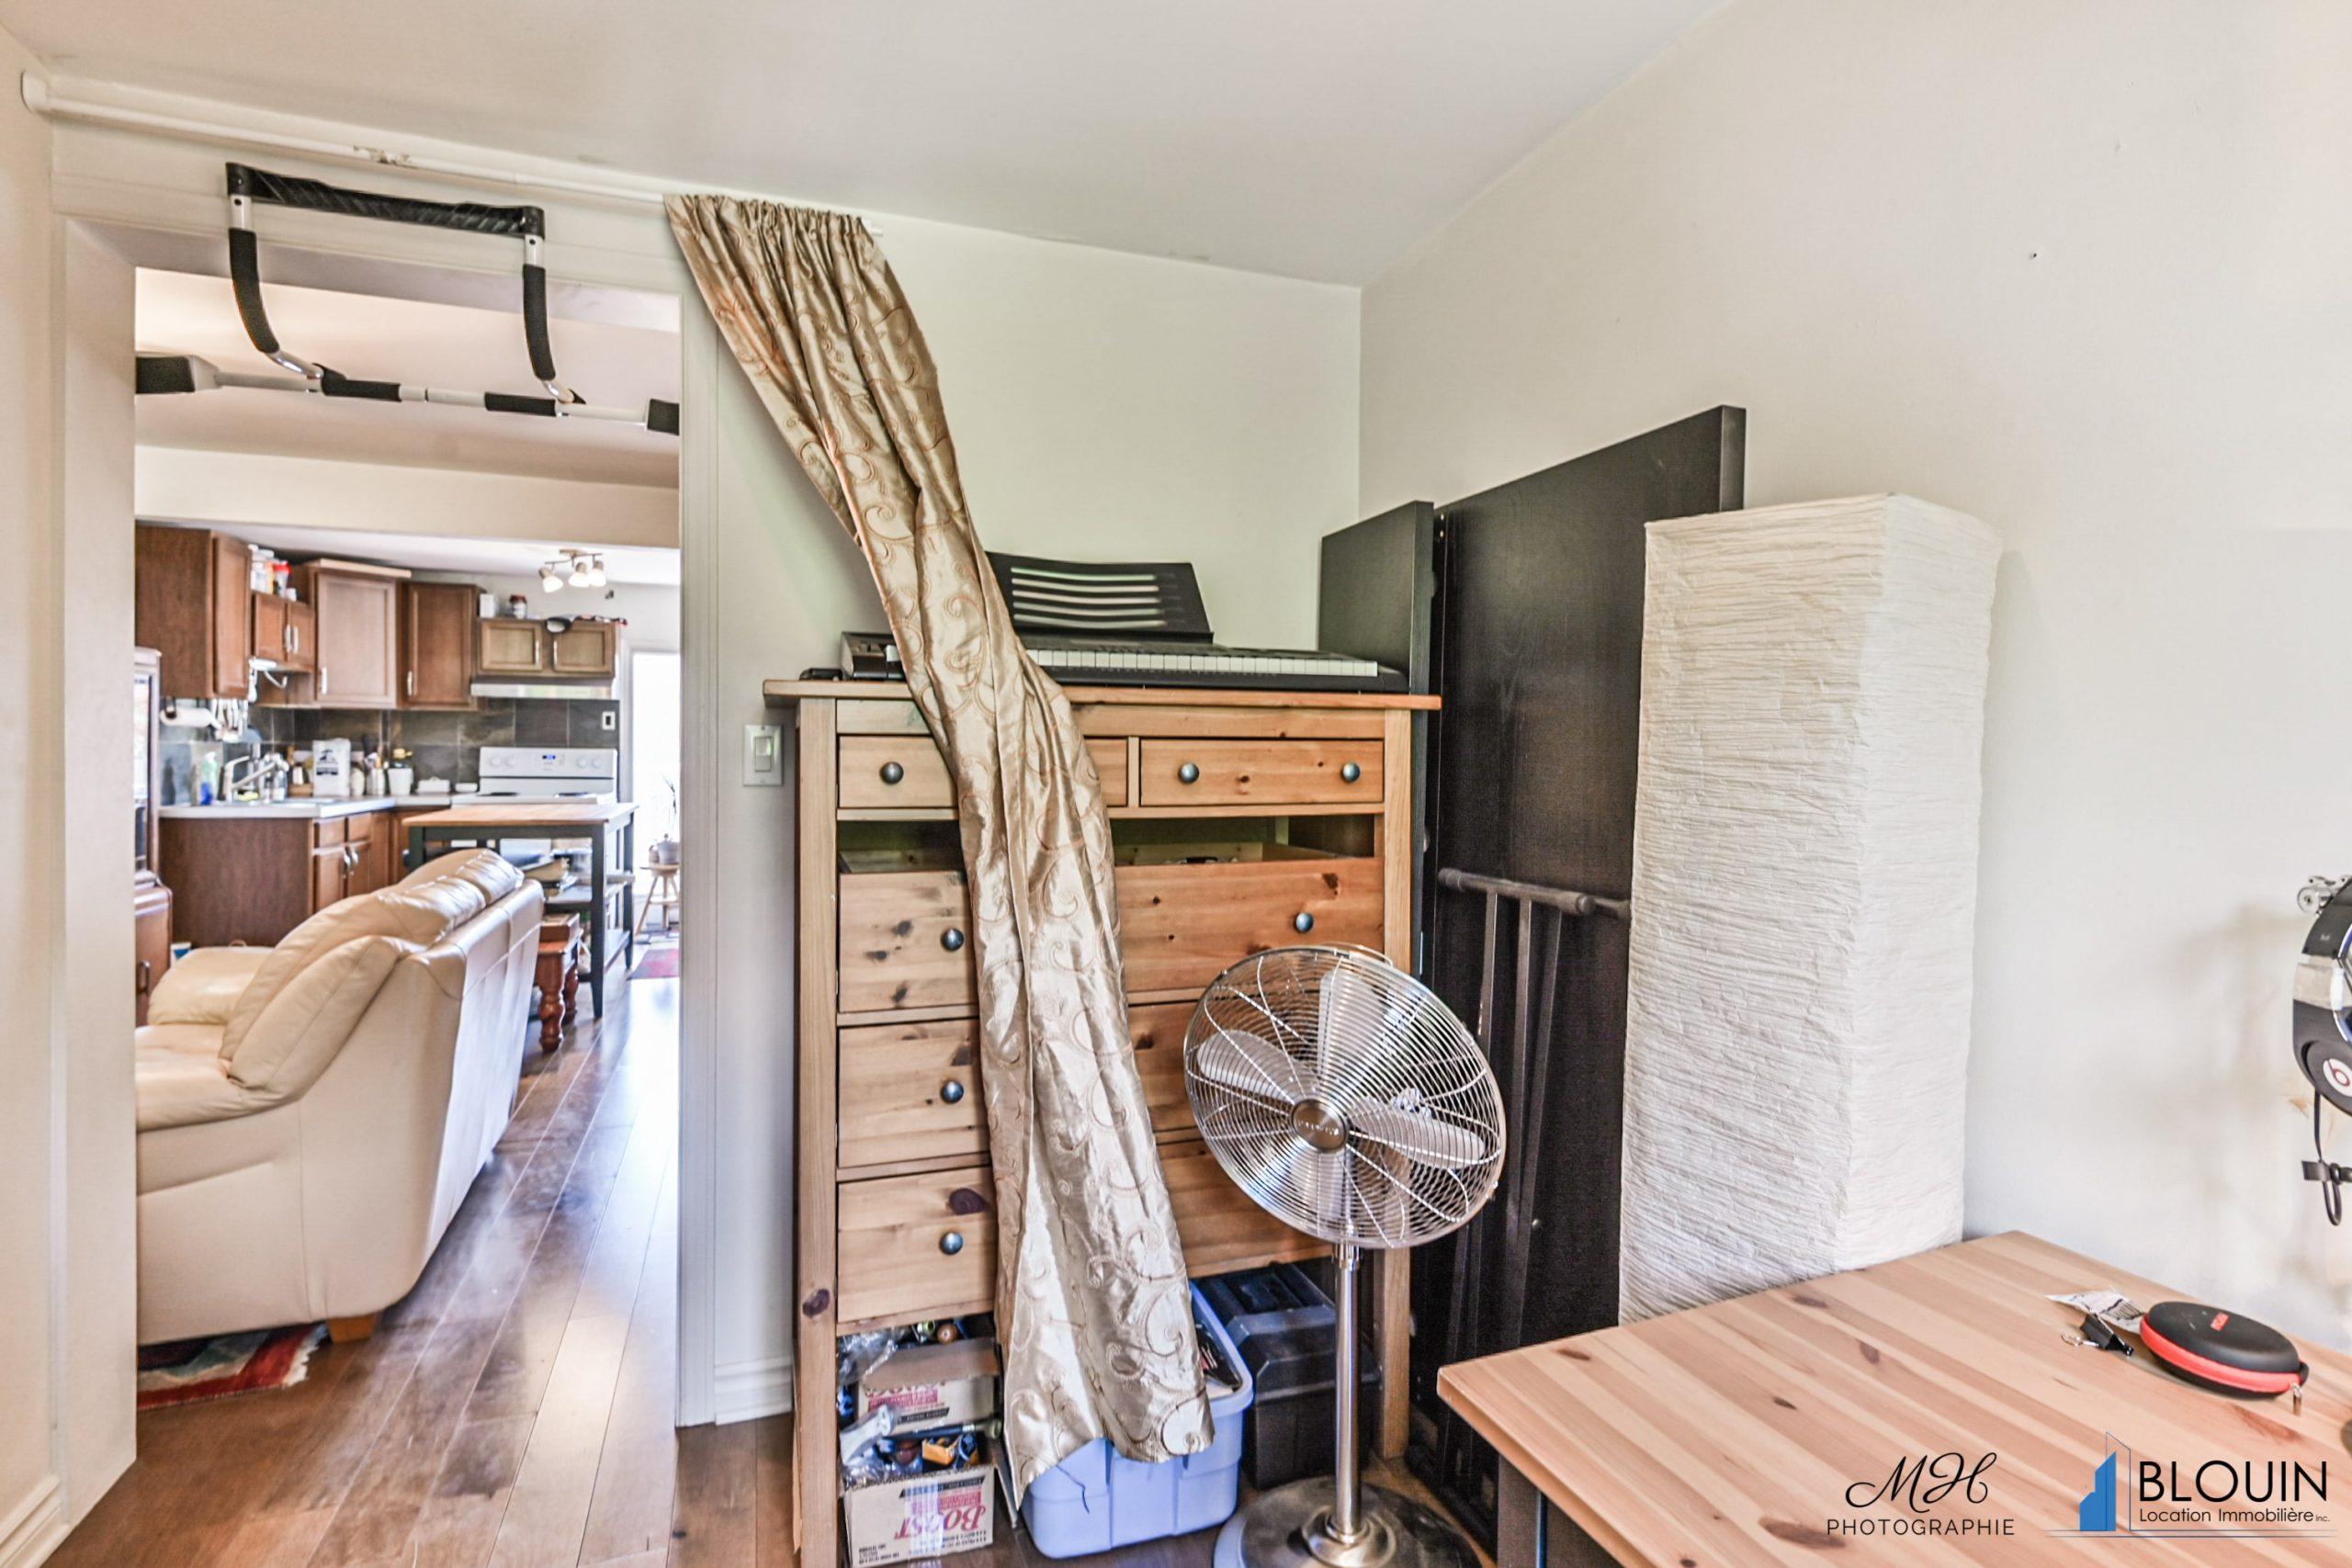 Photo 12 : 3½ + bureau, dans le sud-Ouest, Semi-meublé disponible pour Juillet